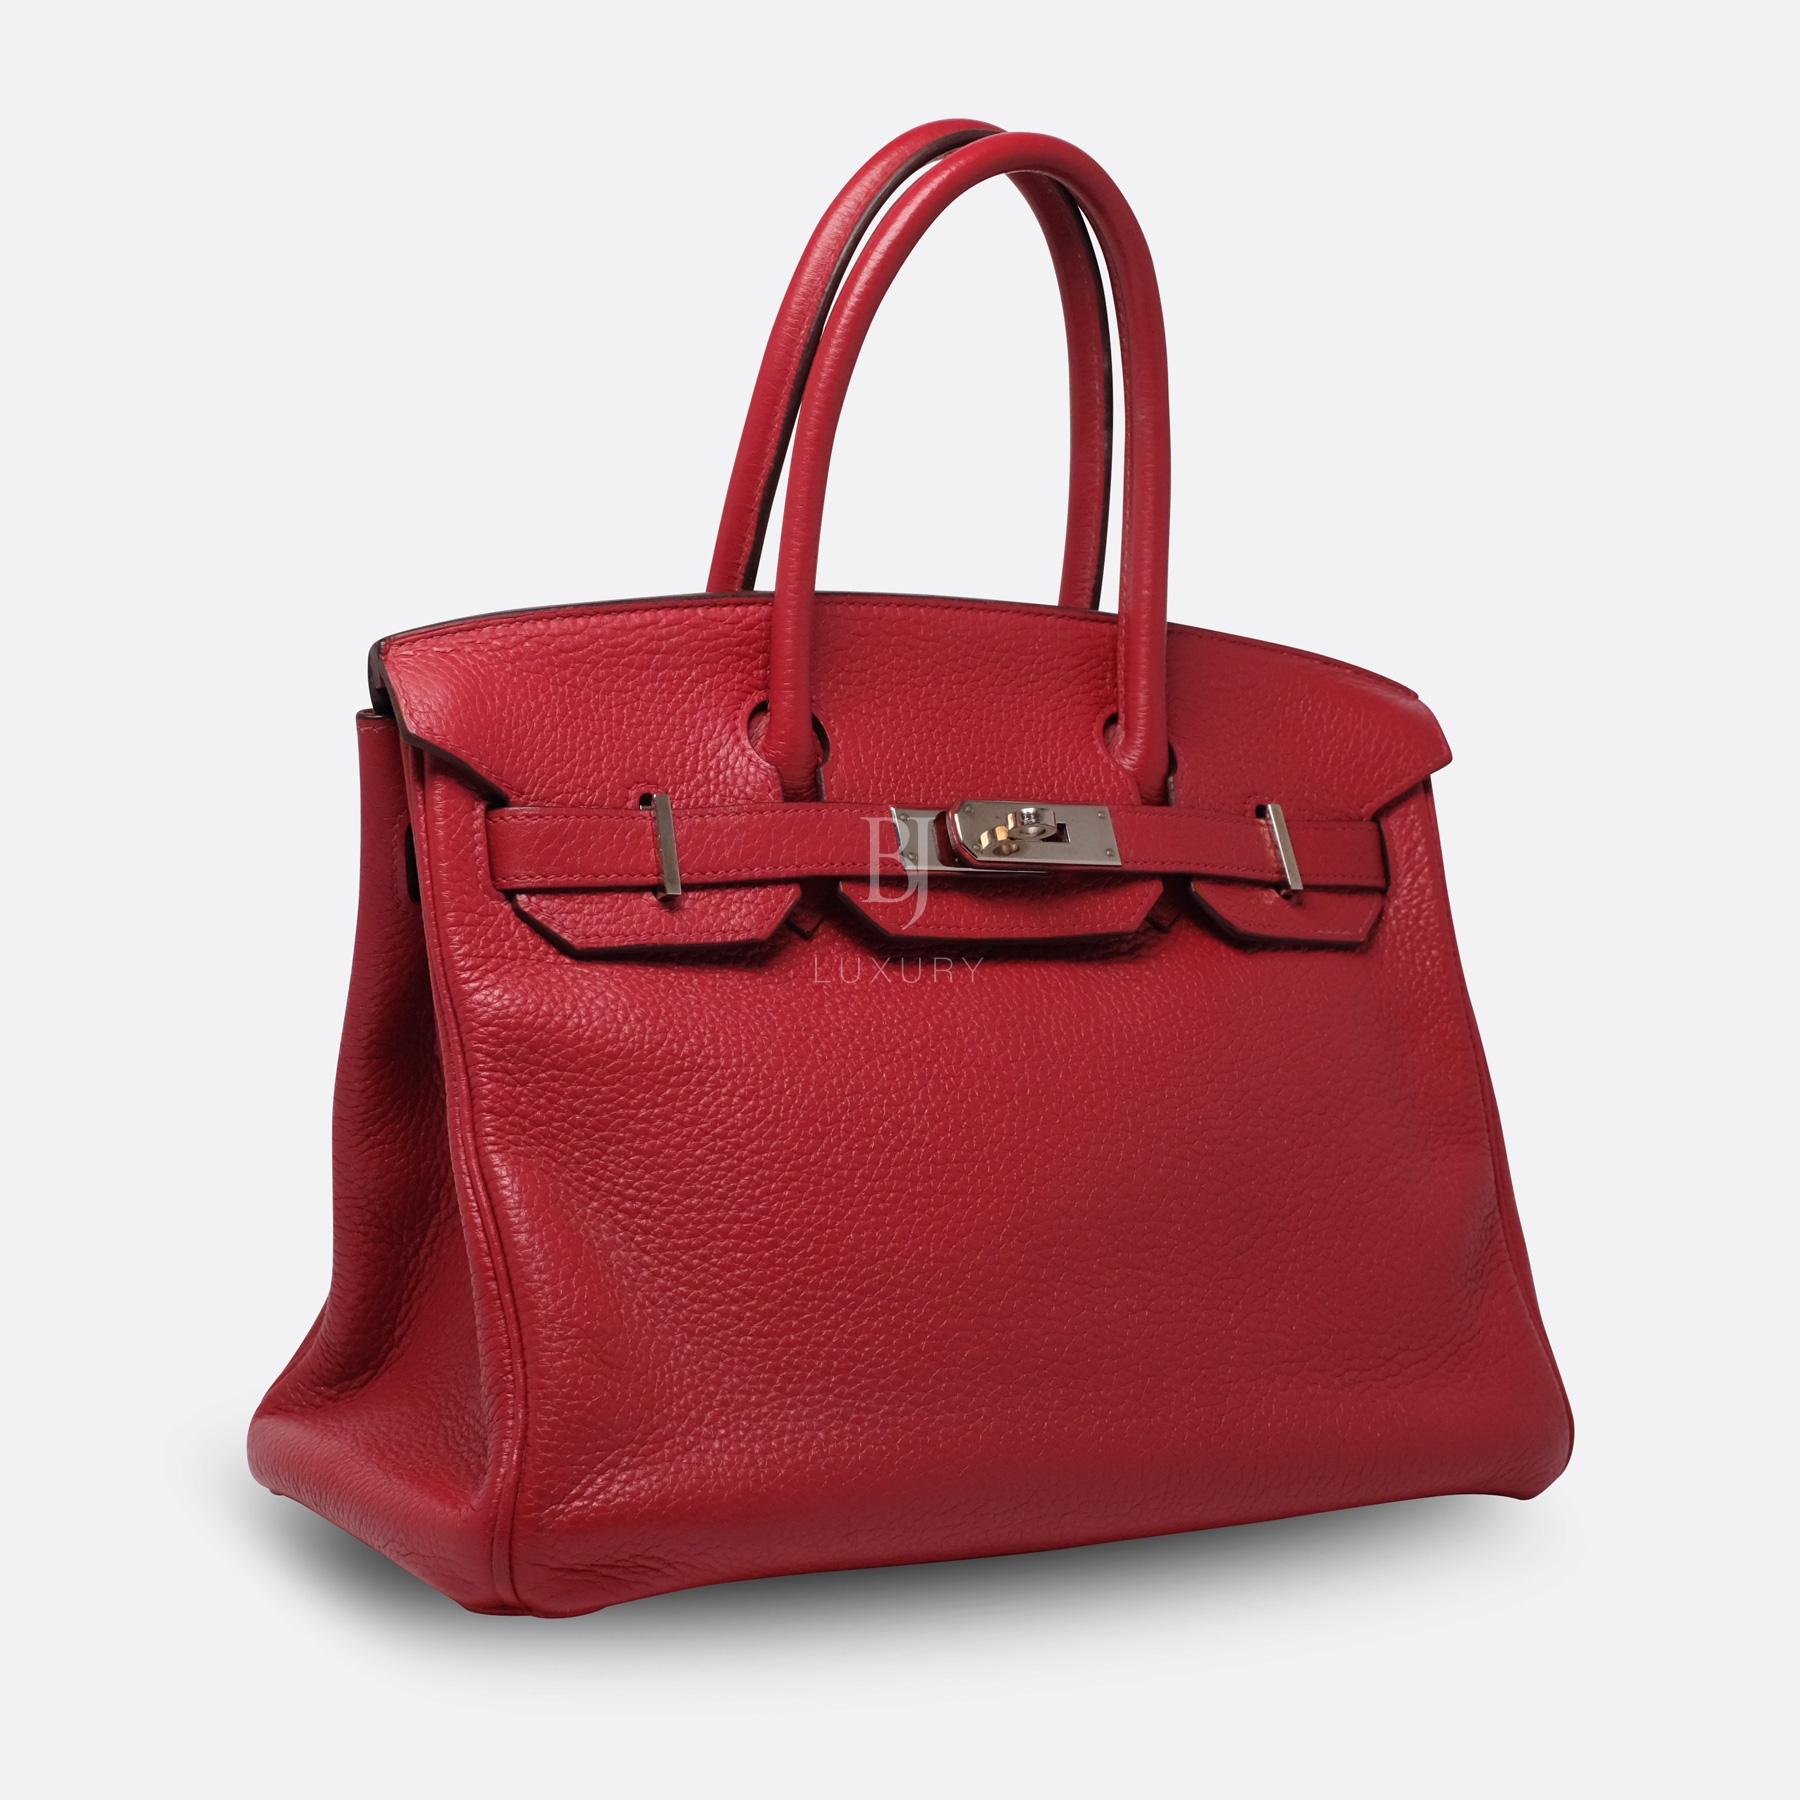 Hermes Birkin 30 Rouge Casaque Clemence Palladium BJ Luxury 11.jpg